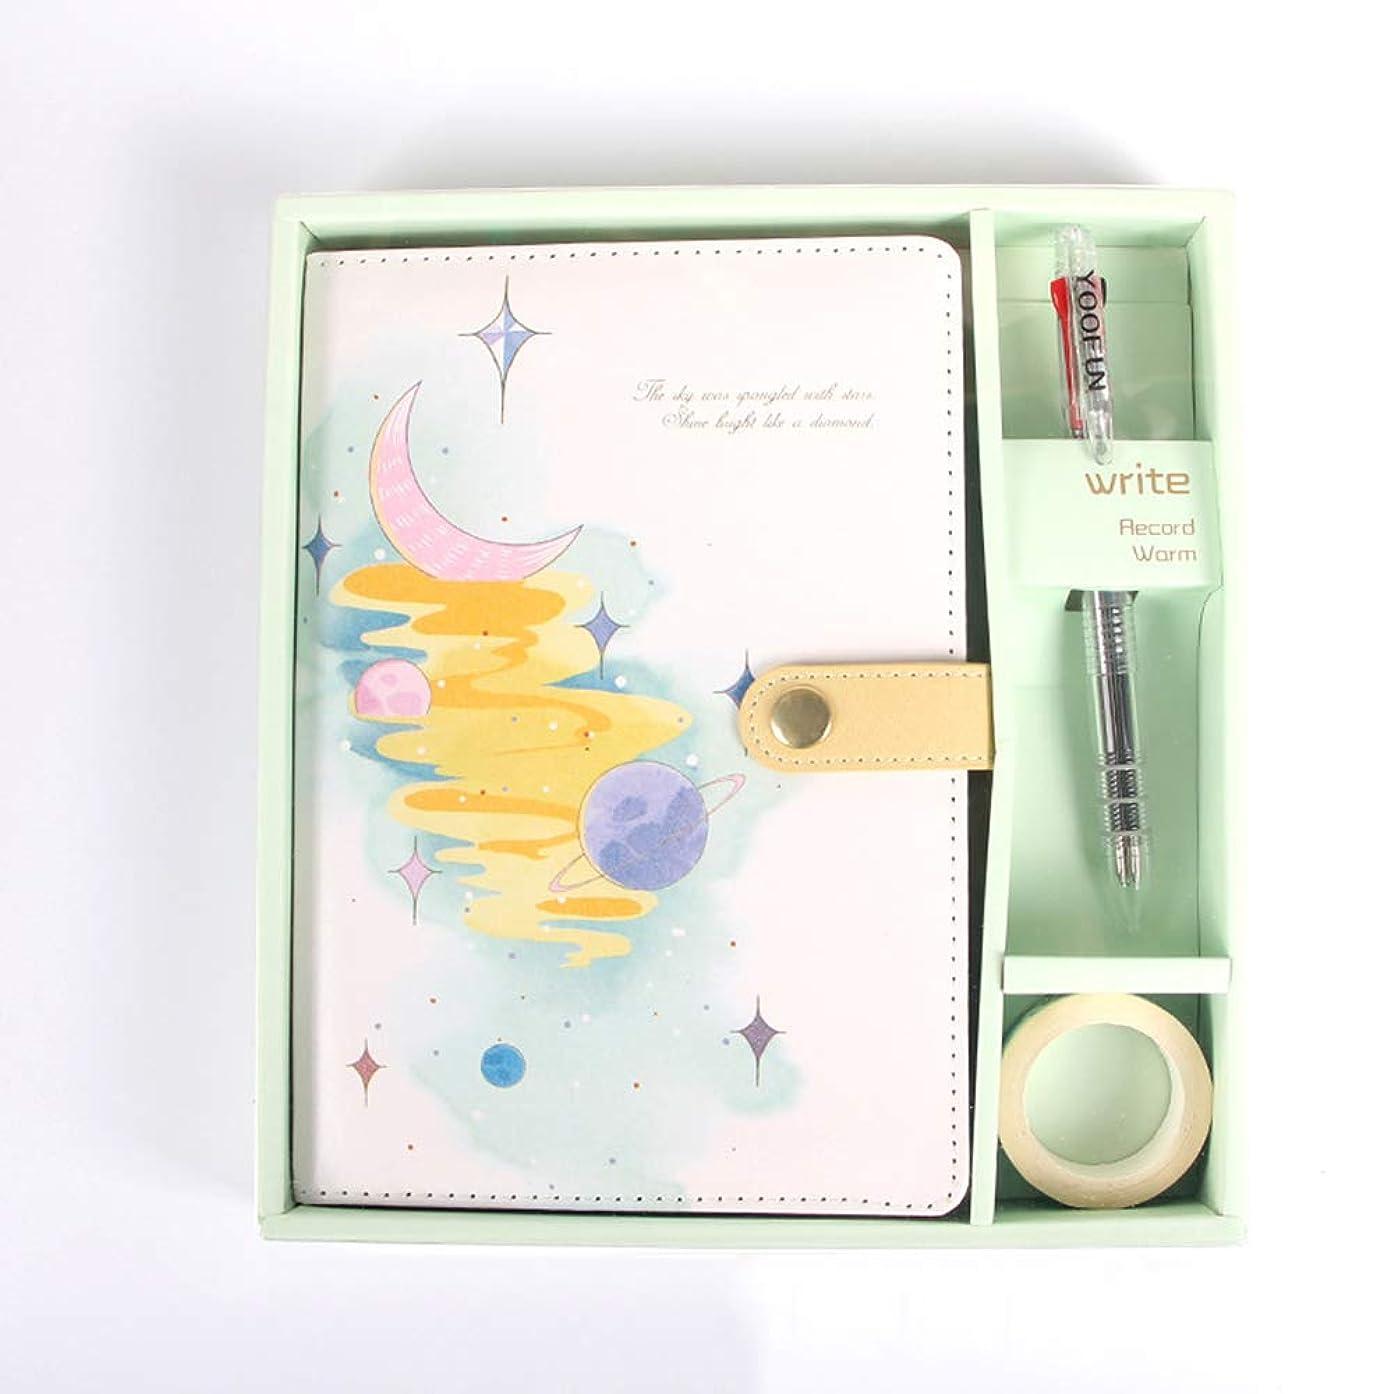 マンハッタン通行料金飾り羽ノート,クリエイティブな文学ノート、学生用ハンドブックギフトセット、贈り物として適して